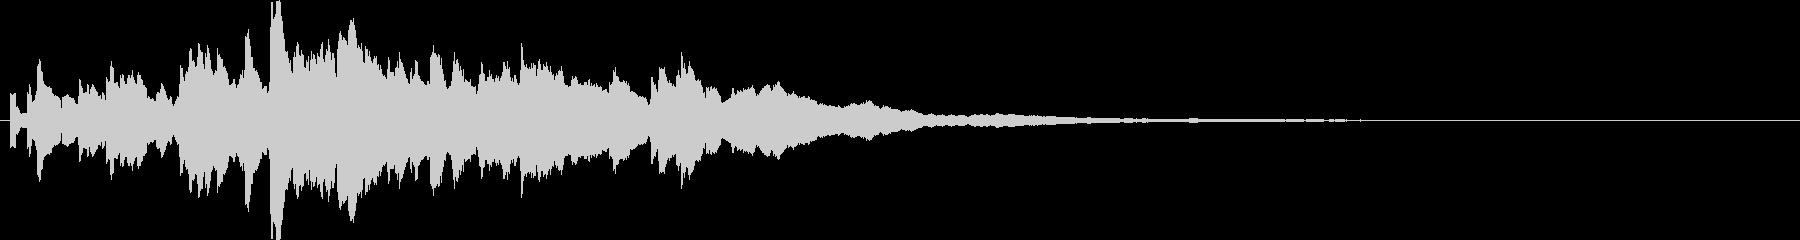 効果音  キラキラ 1の未再生の波形